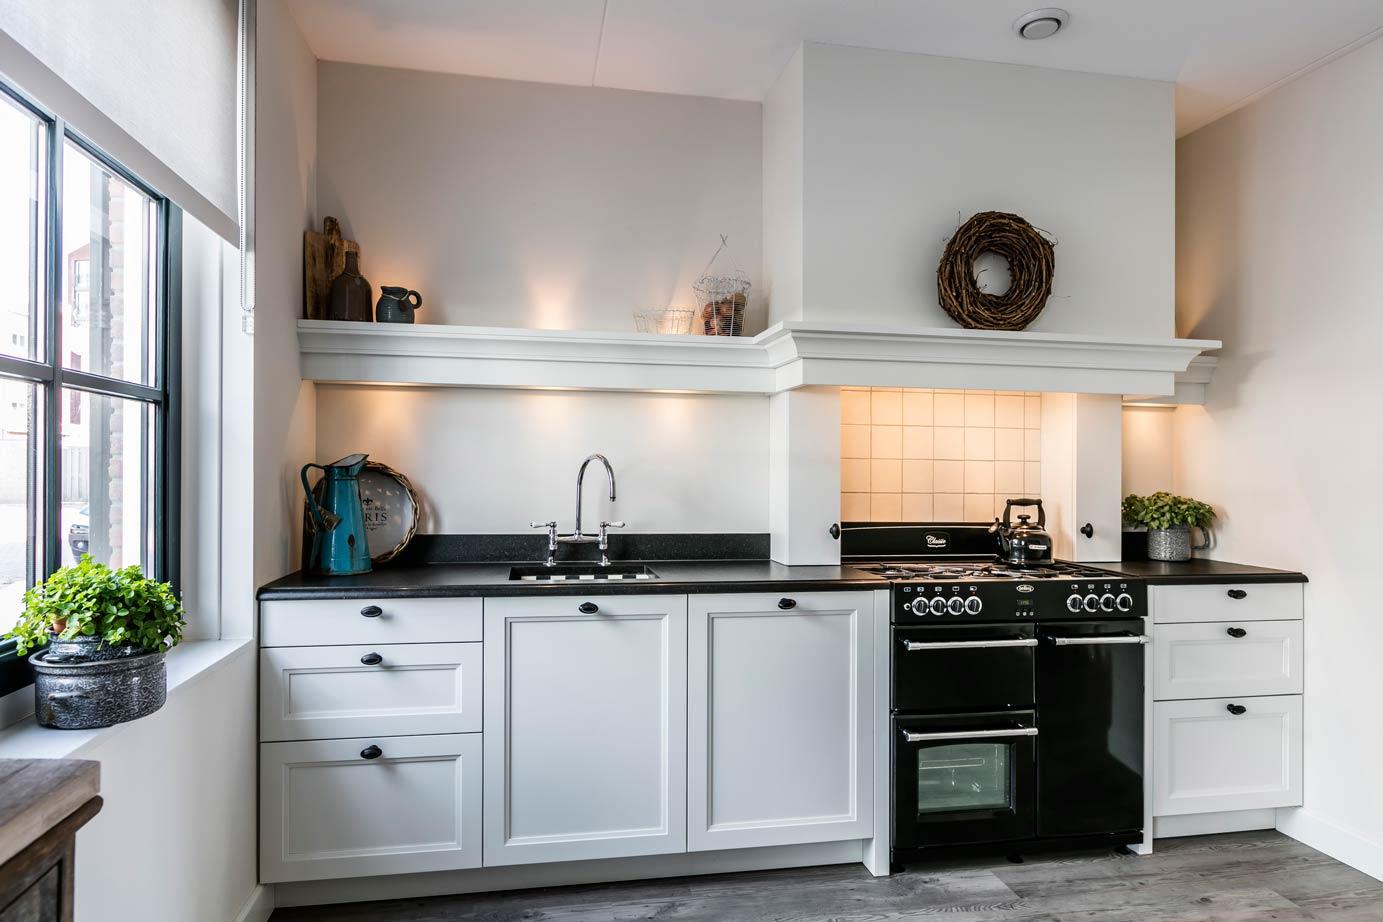 Landelijke Keukens Dampkap : Een prachtige landelijke keuken in Oegstgeest Lees deze